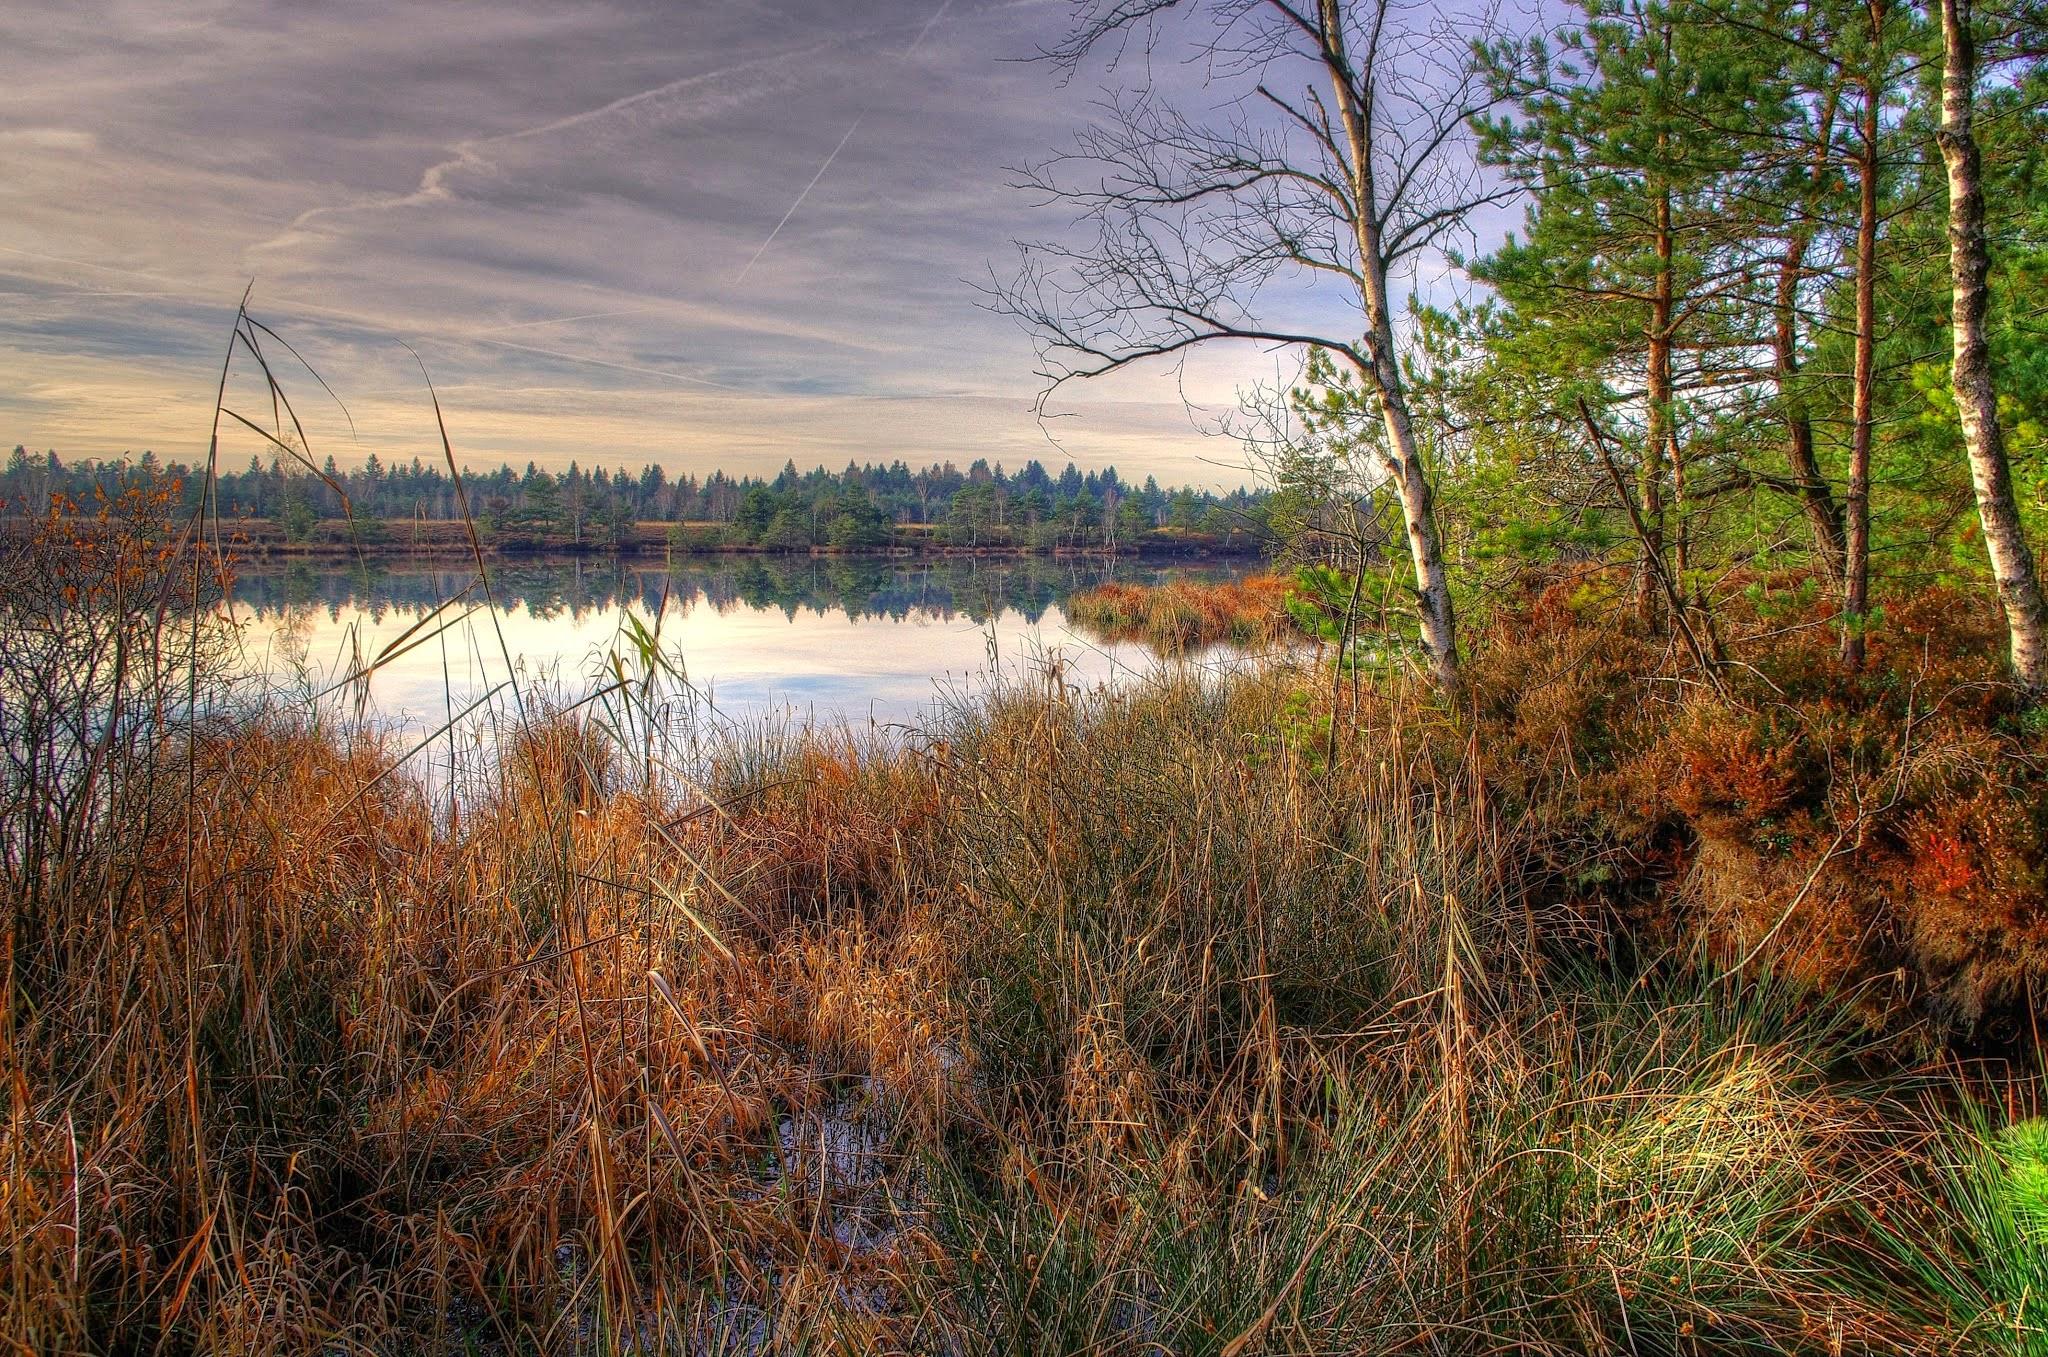 Free Full Screen Fall Wallpaper Beautiful Nature Scene At Lake Nature